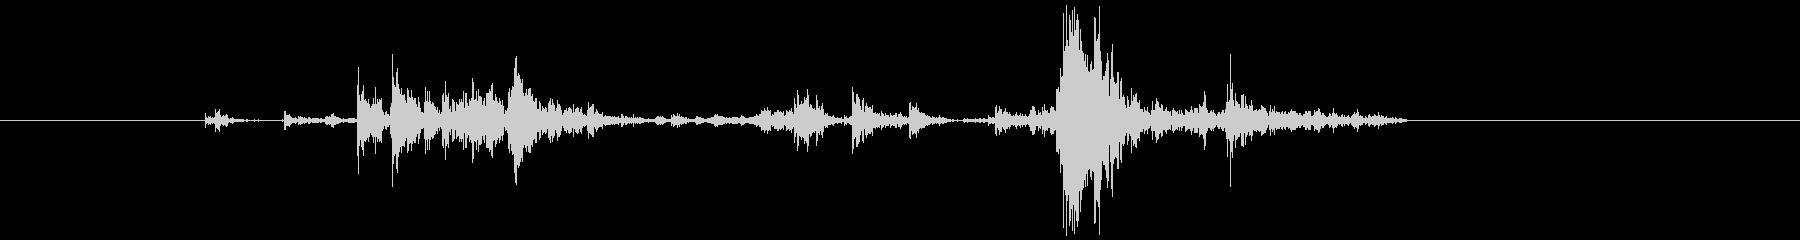 錠剤ケース(中)を振る音_02の未再生の波形